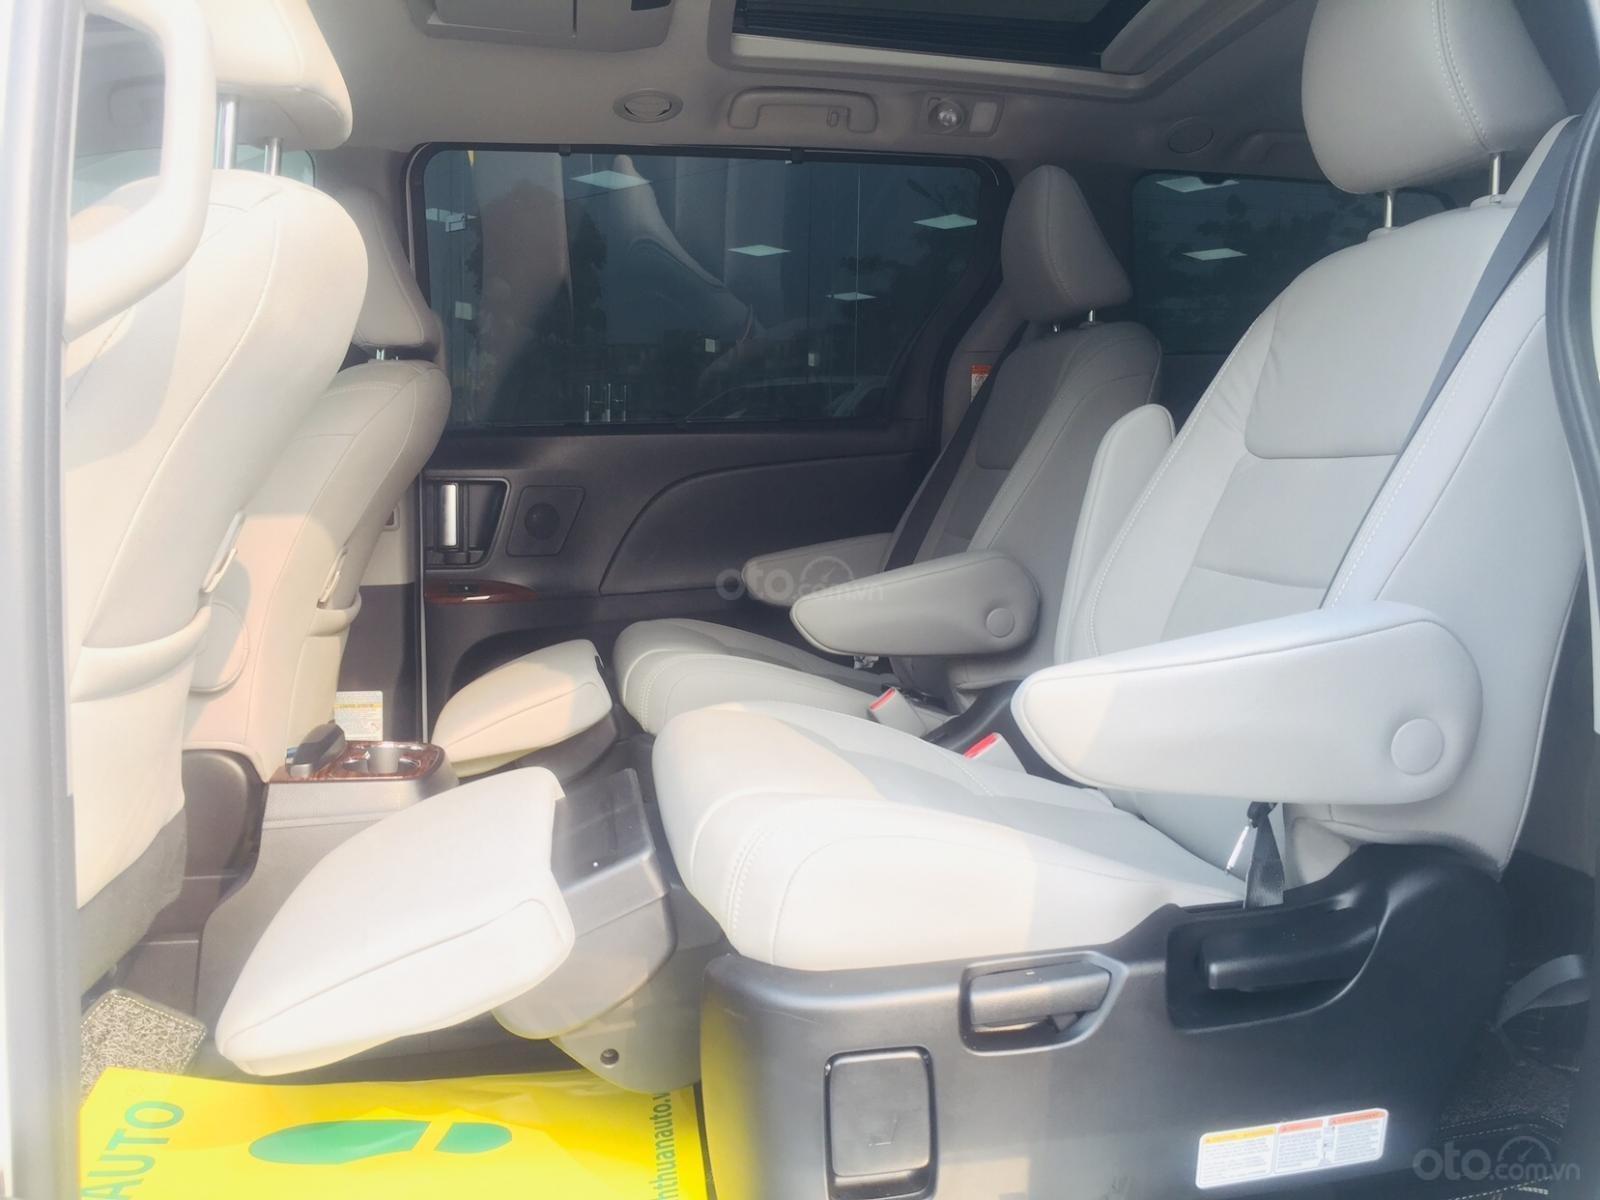 Bán xe Toyota Sienna Limidted Sx 2018, màu trắng, siêu lướt 2000km - LH: 0982.84.2838-16